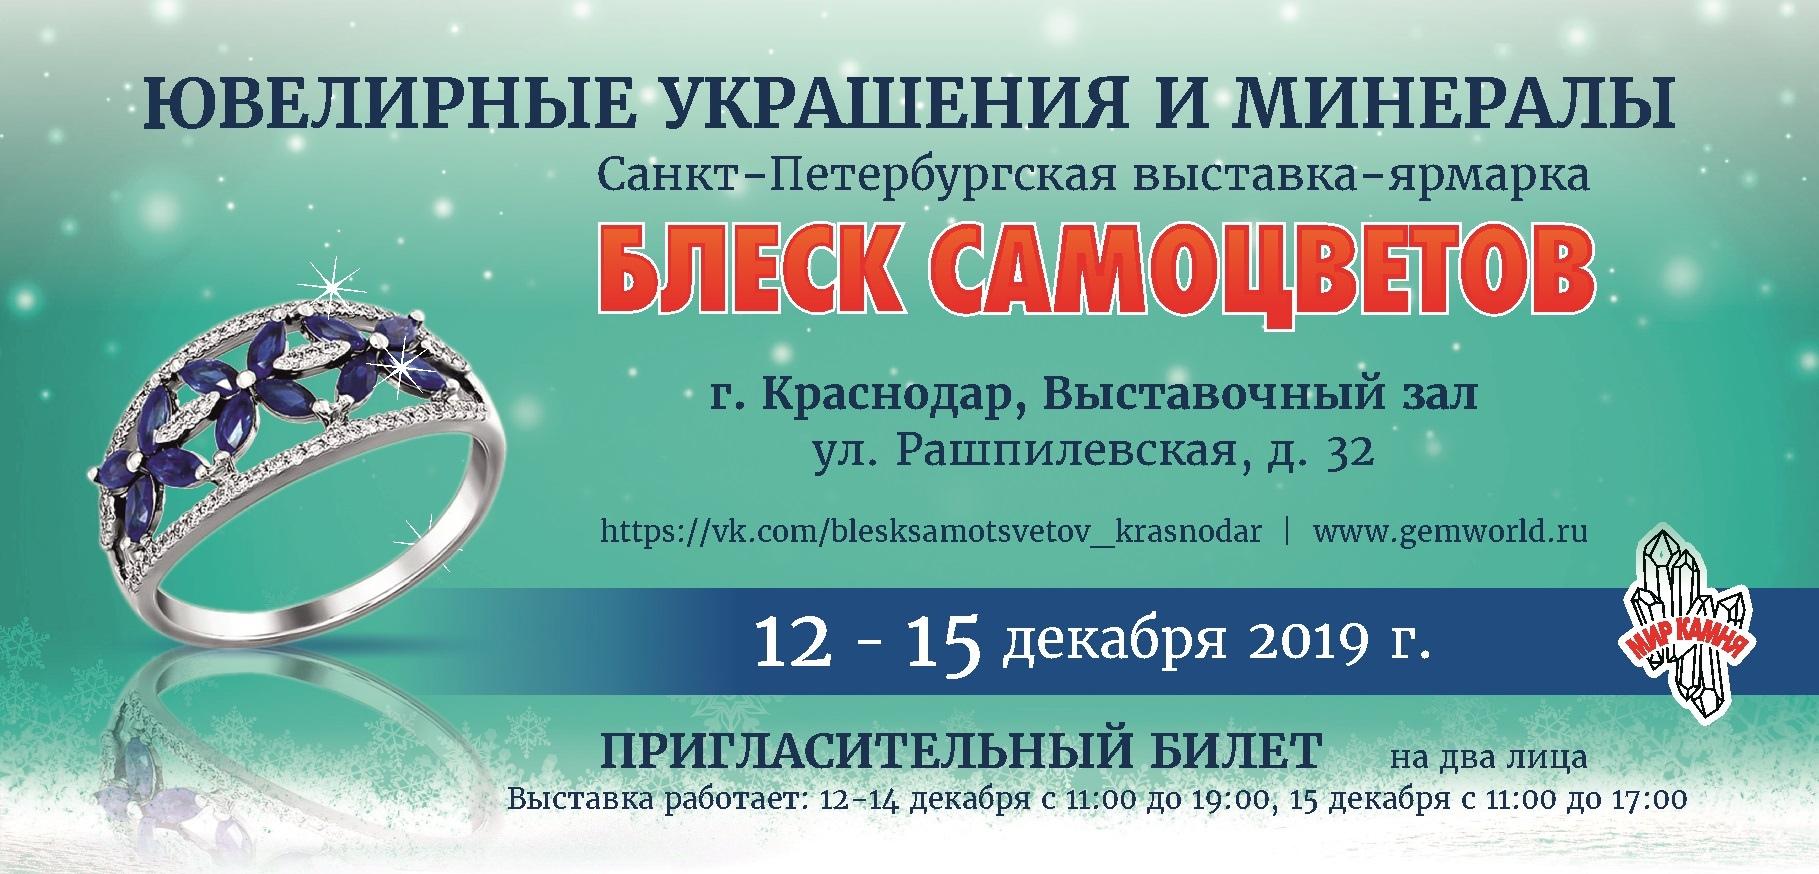 Мир Самоцветов Интернет Магазин Москва